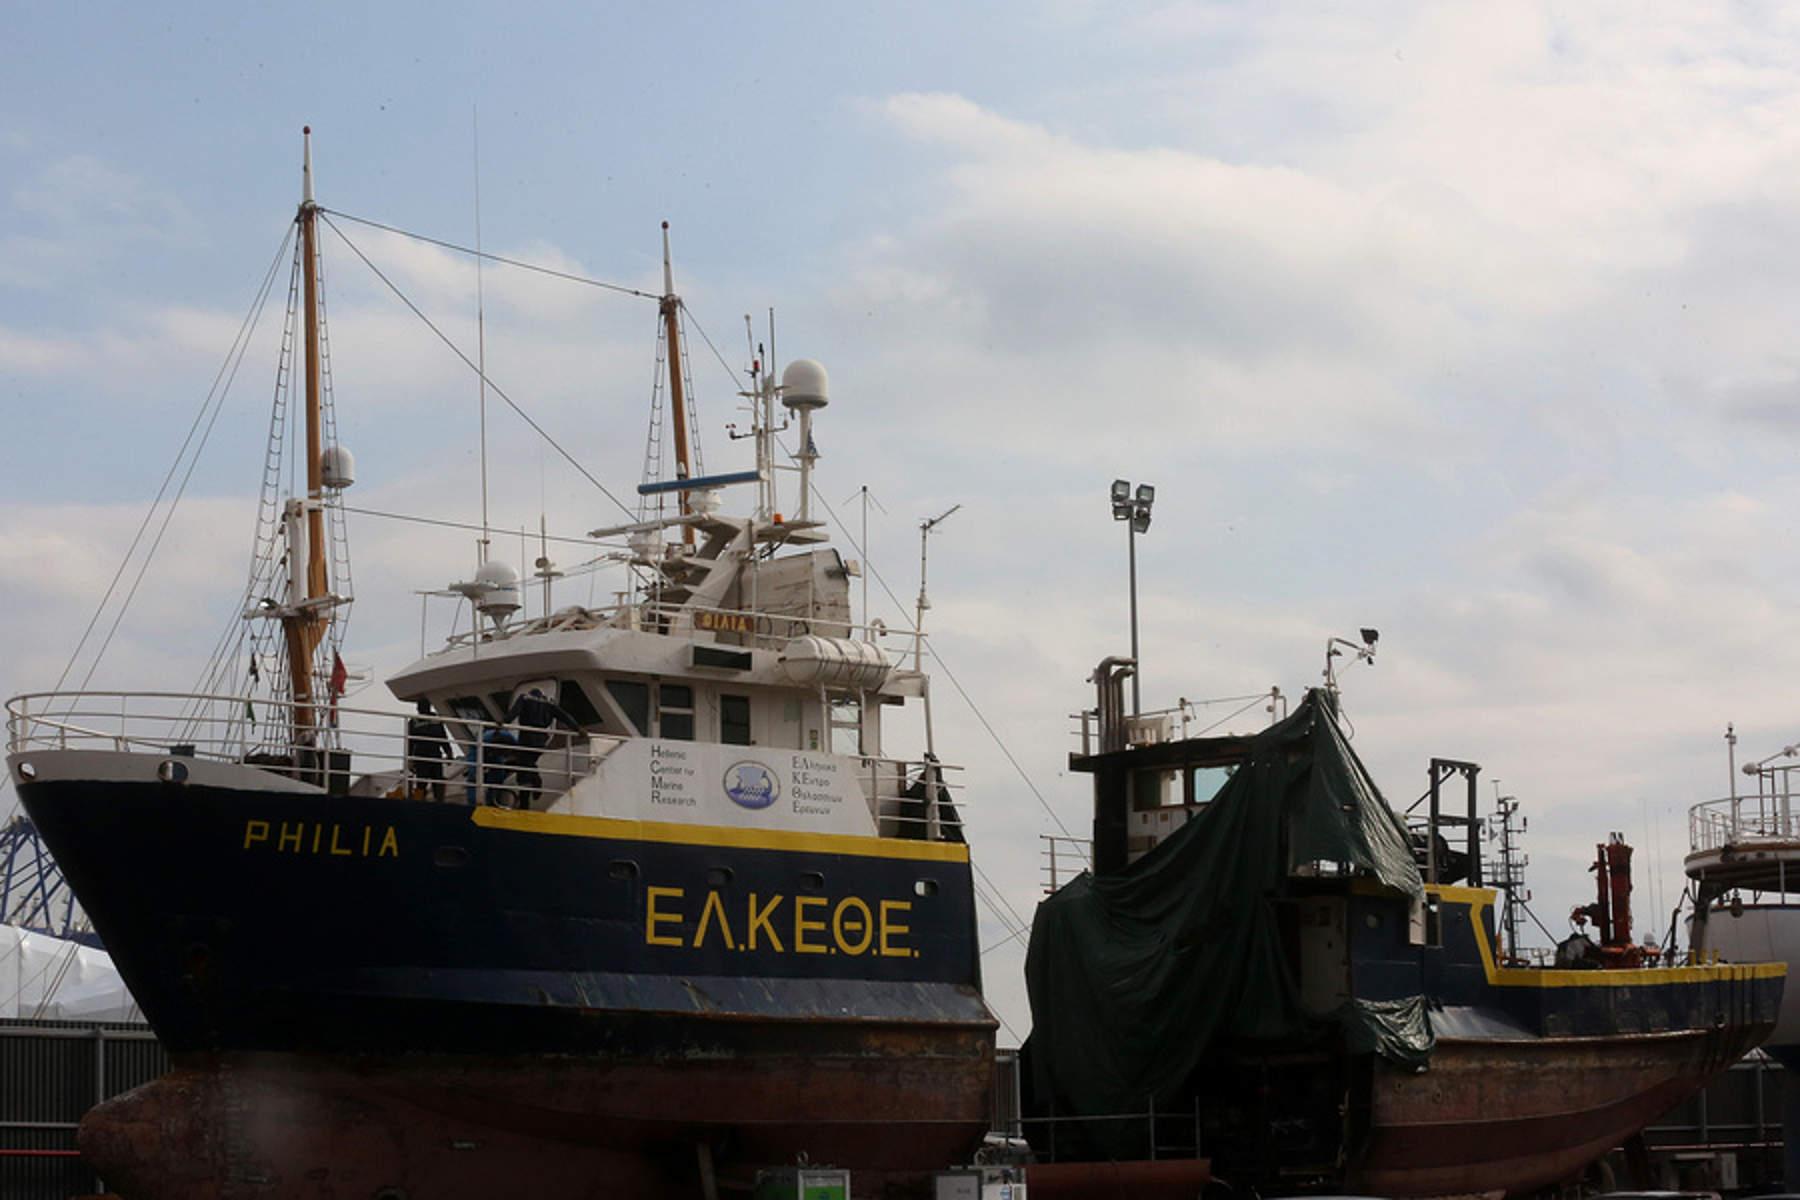 Πέραμα: Πώς αλλάζει το ερευνητικό σκάφος «Φιλία» – Σε δύο μήνες ξανά στη θάλασσα